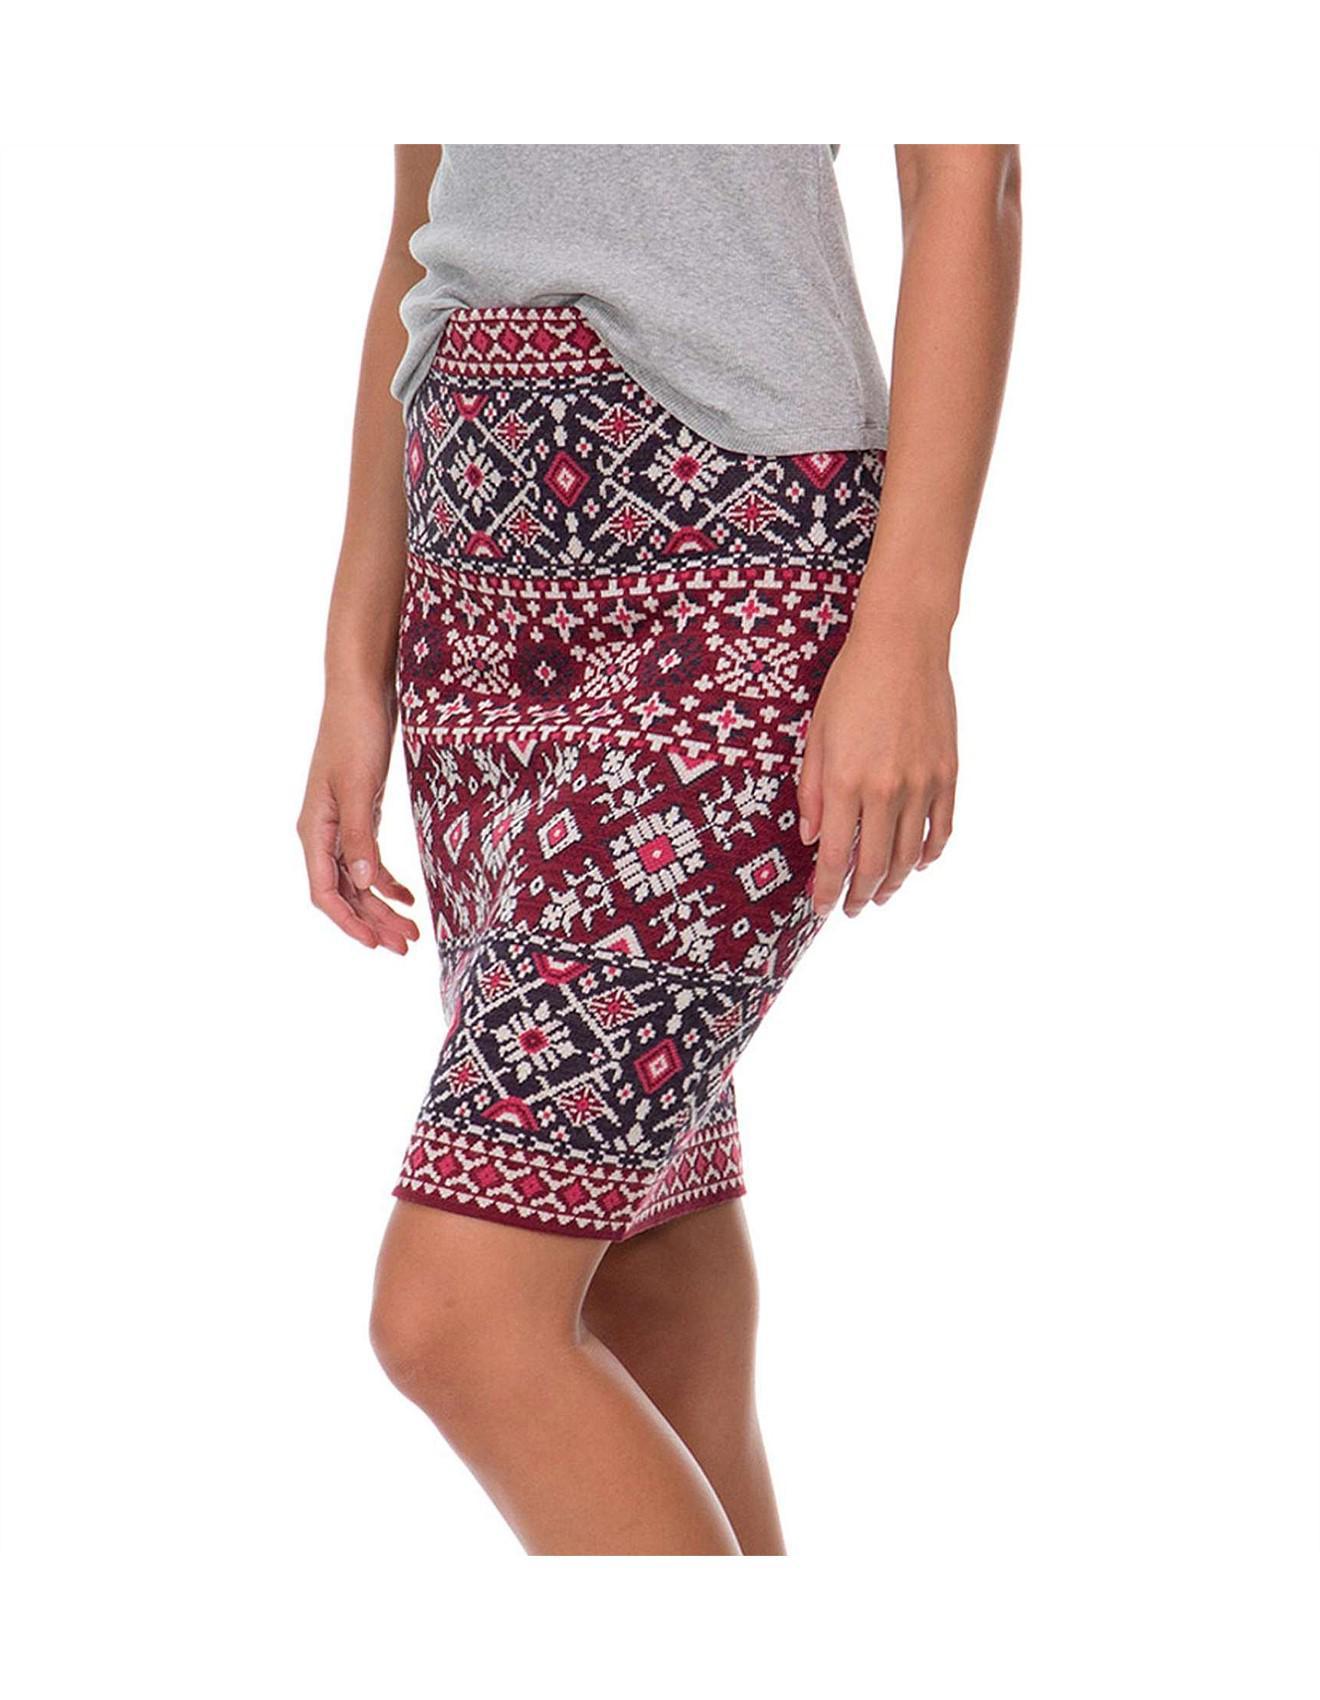 Vanna white mini skirt